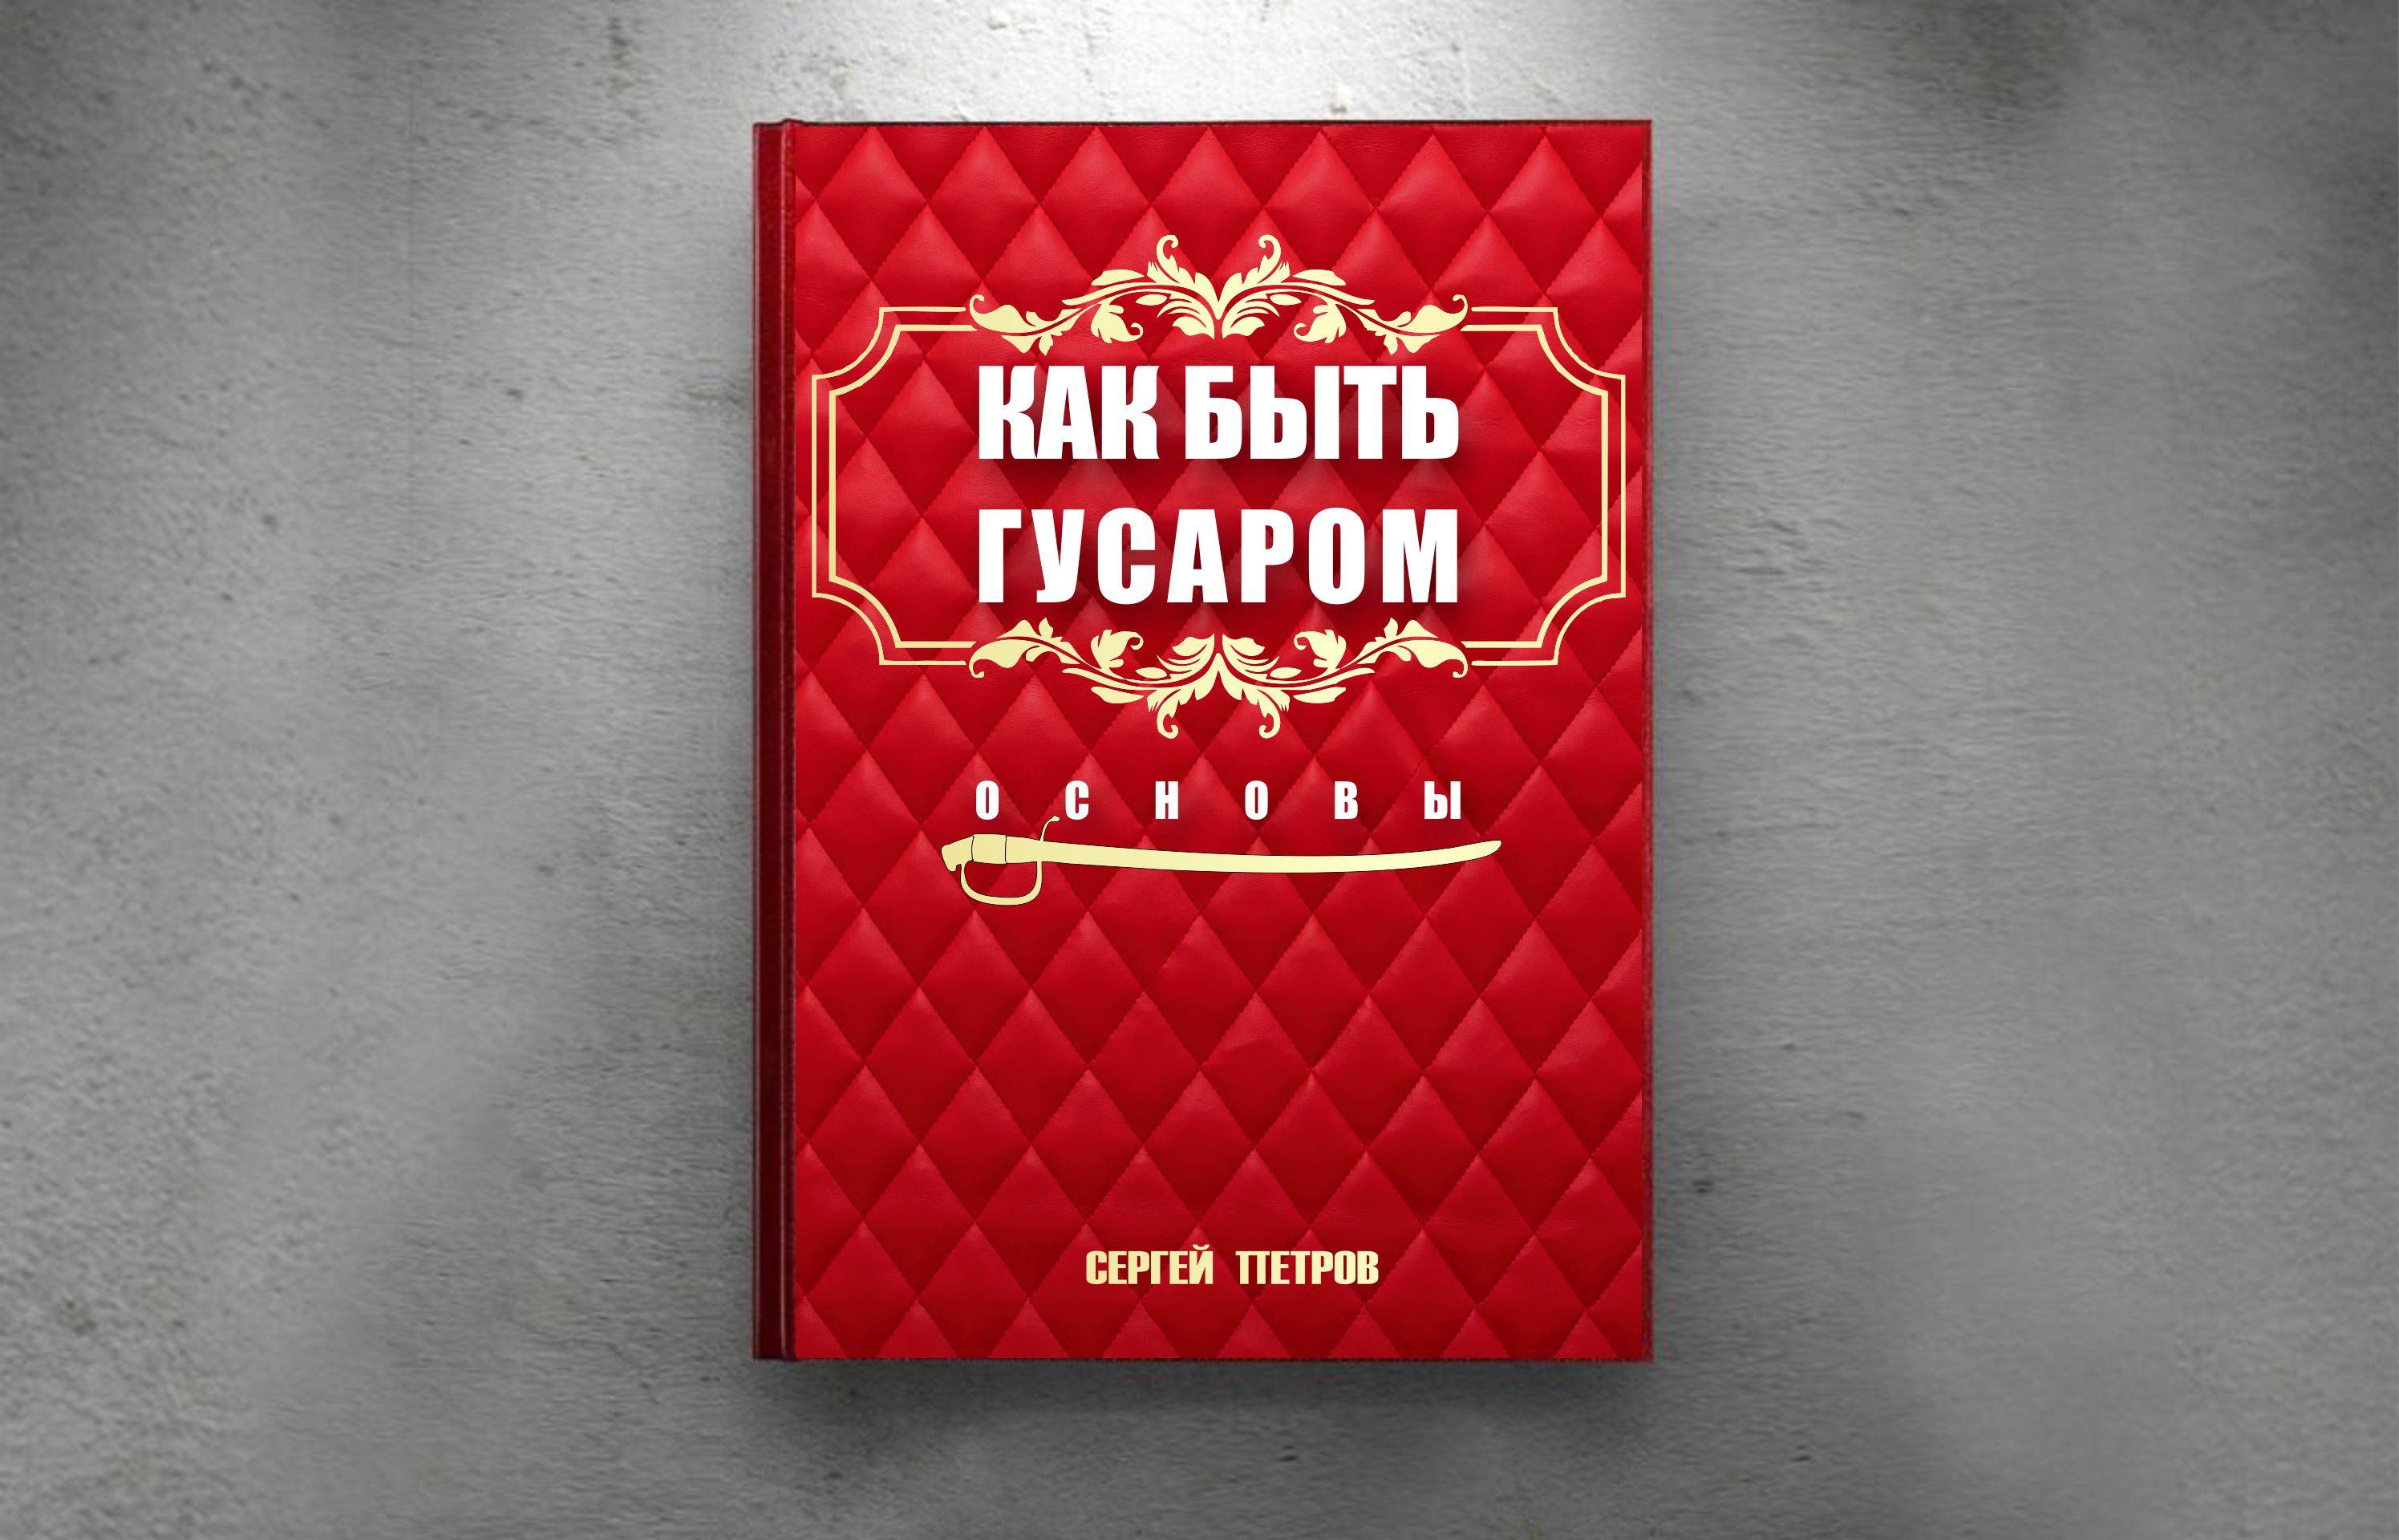 Обложка книги  фото f_0515fb633a7a3a6e.jpg